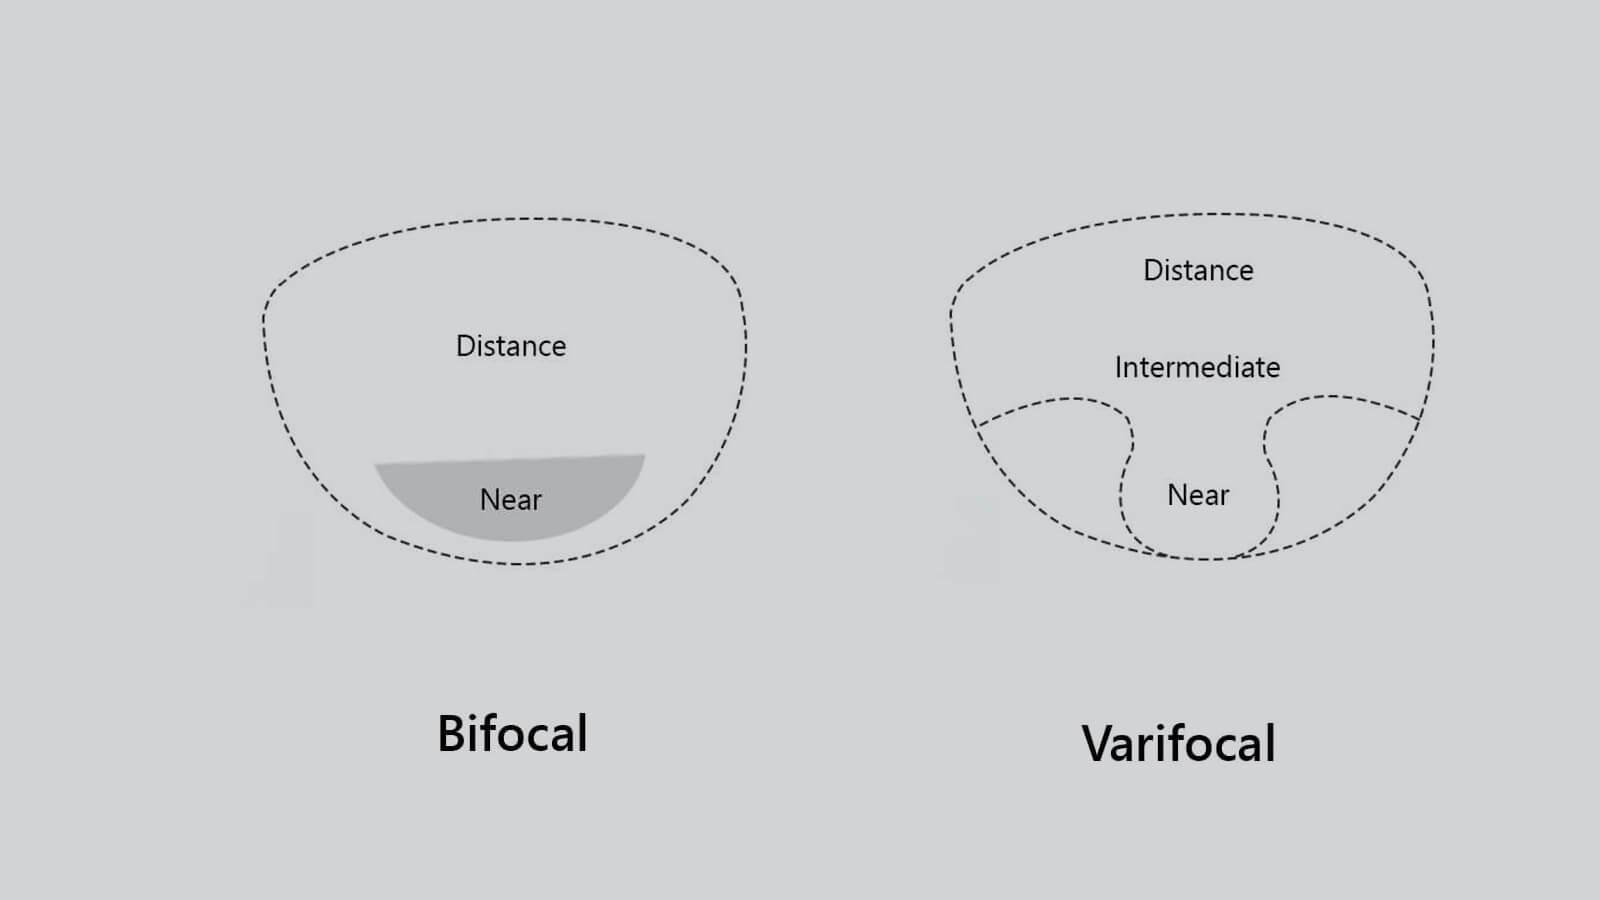 bifocal or varifocal